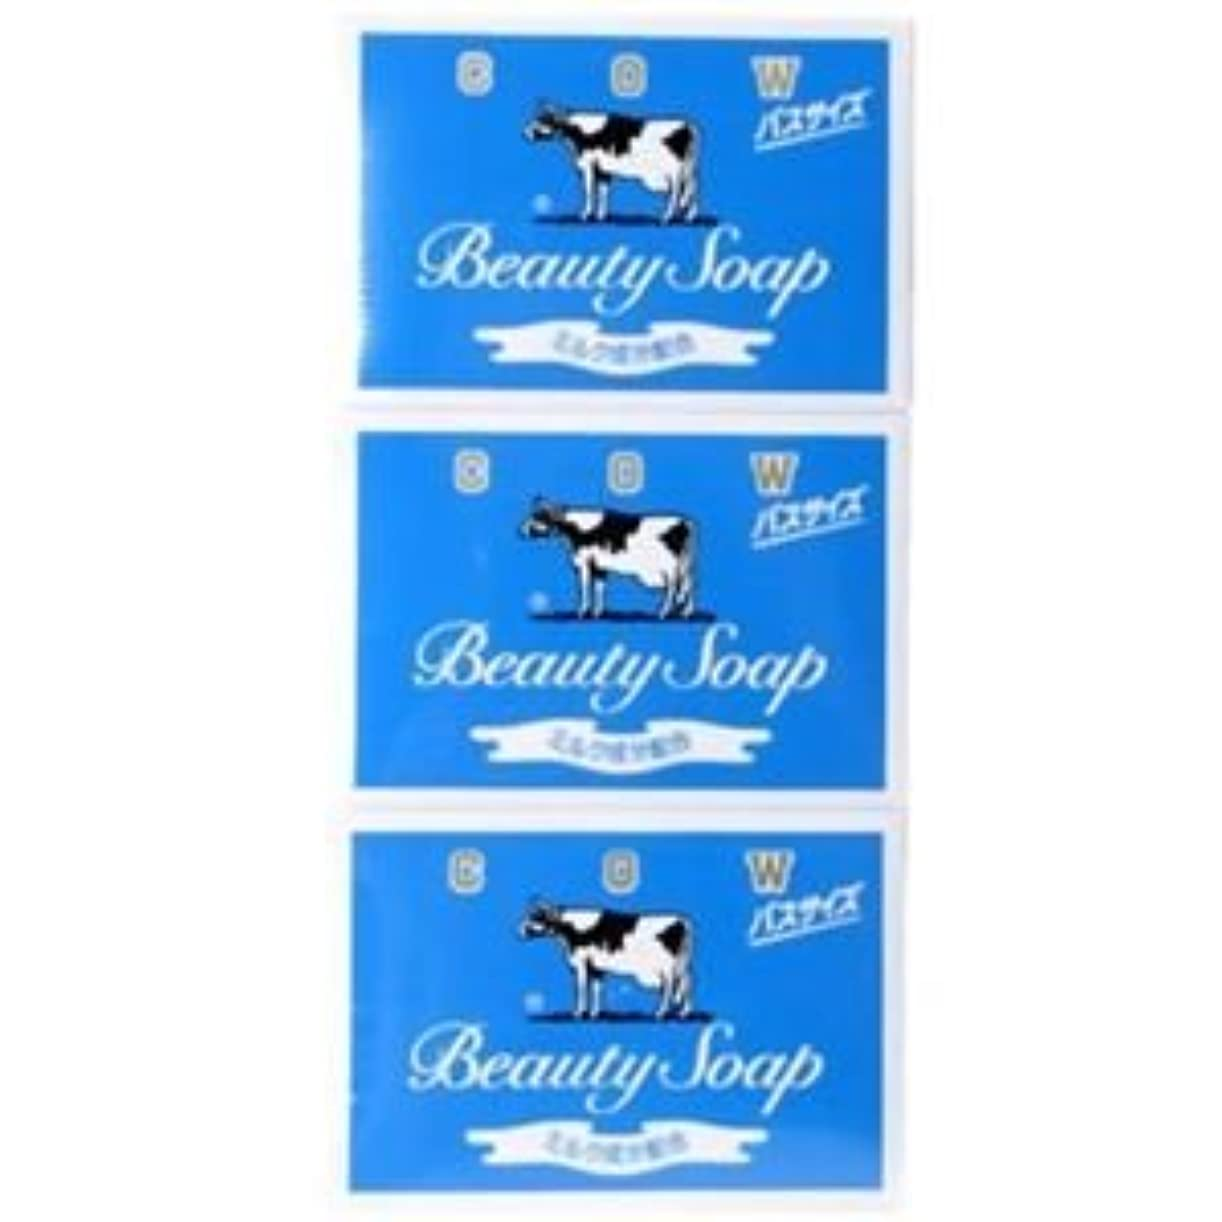 テナント抗議磨かれたカウブランド 牛乳石鹸 青箱 バスサイズ 135g×3個入 10セット